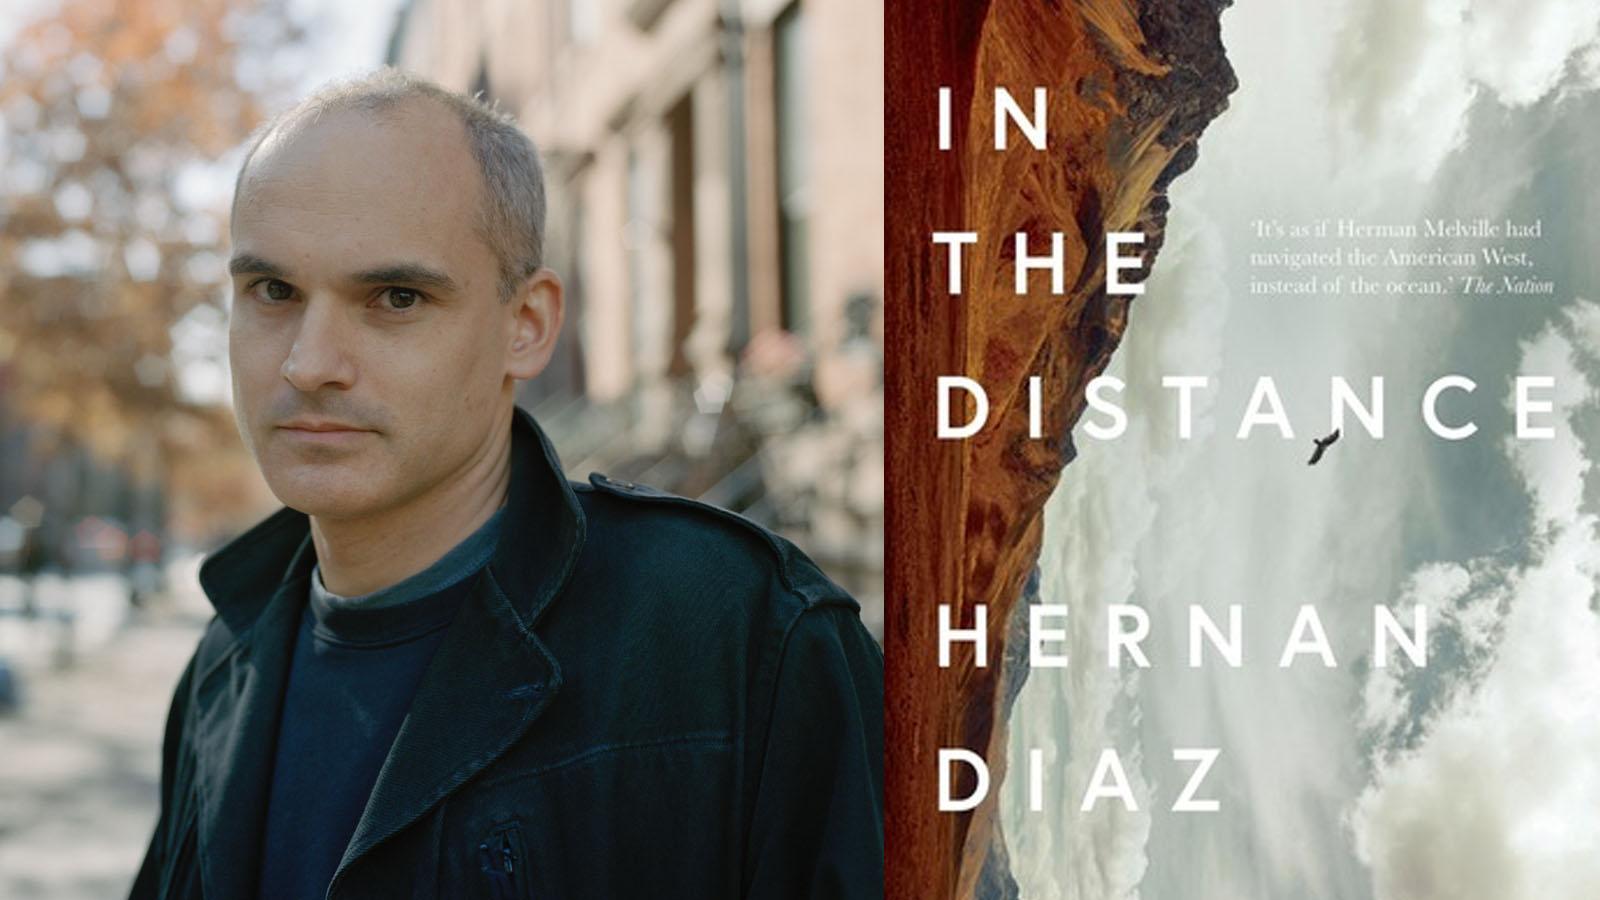 Hernan Diaz